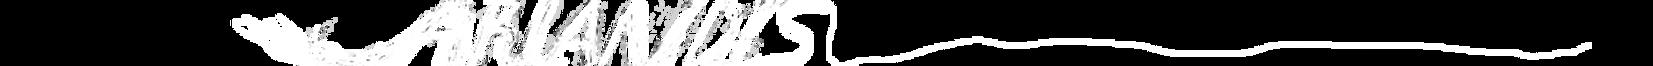 logo ARLANDIS.png